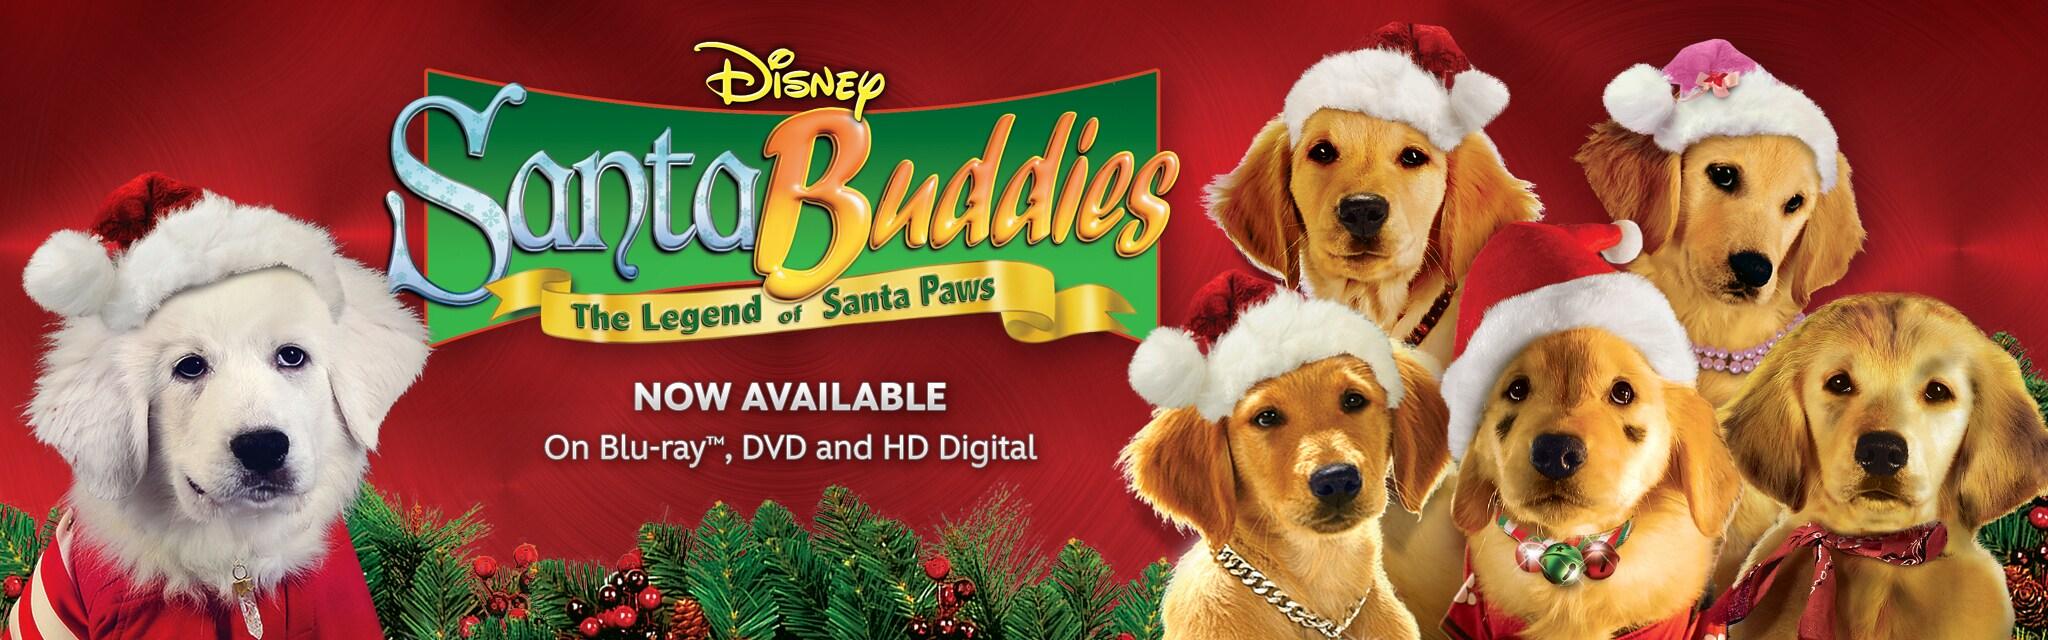 Santa Buddies Movies Disney Buddies